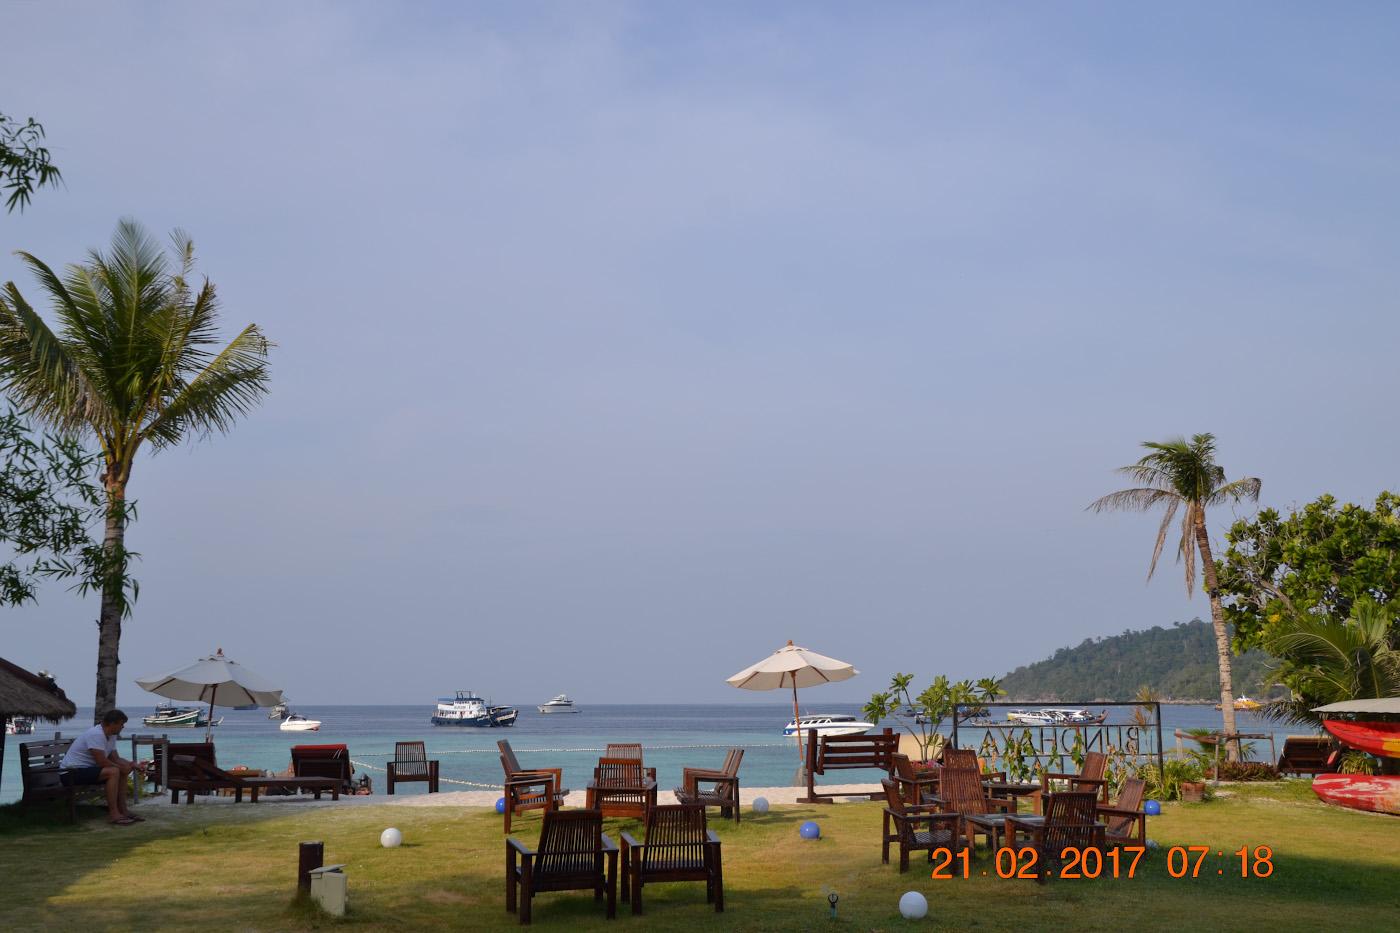 Фото 16. Зона отдыха отеля «Bundhaya Resort***» на пляже Паттайя острова Ко Липе. Отчеты туристов о поездке в Таиланд своим ходом. 1/400, 10.0, 100, 55.